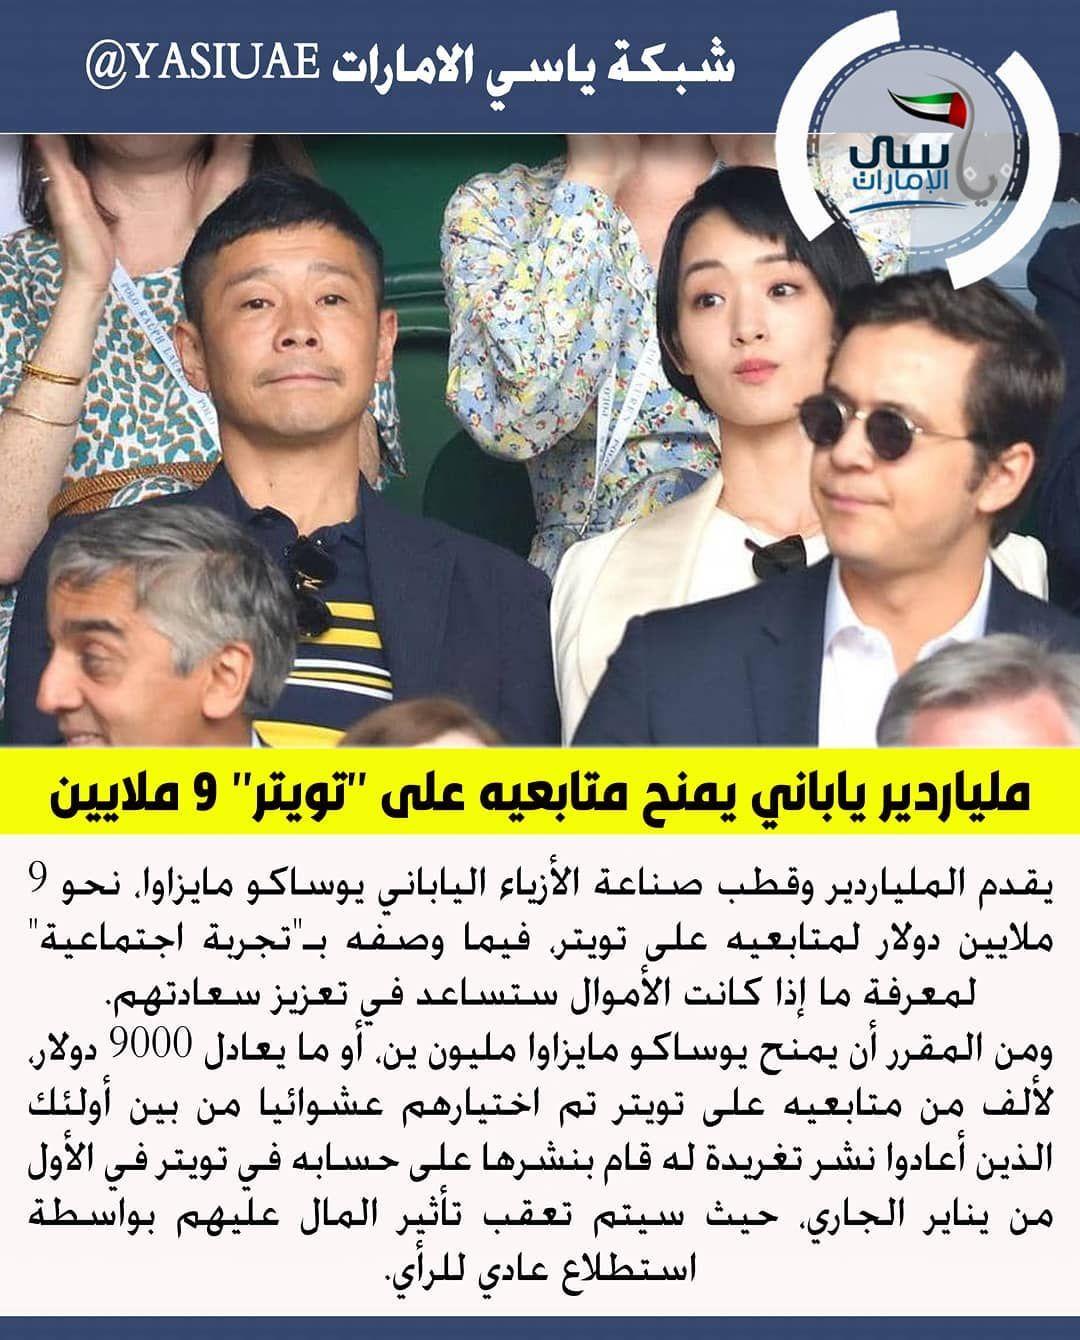 ملياردير ياباني يمنح متابعيه على تويتر 9 ملايين دولار ياسي الامارات شبكة ياسي الامارات